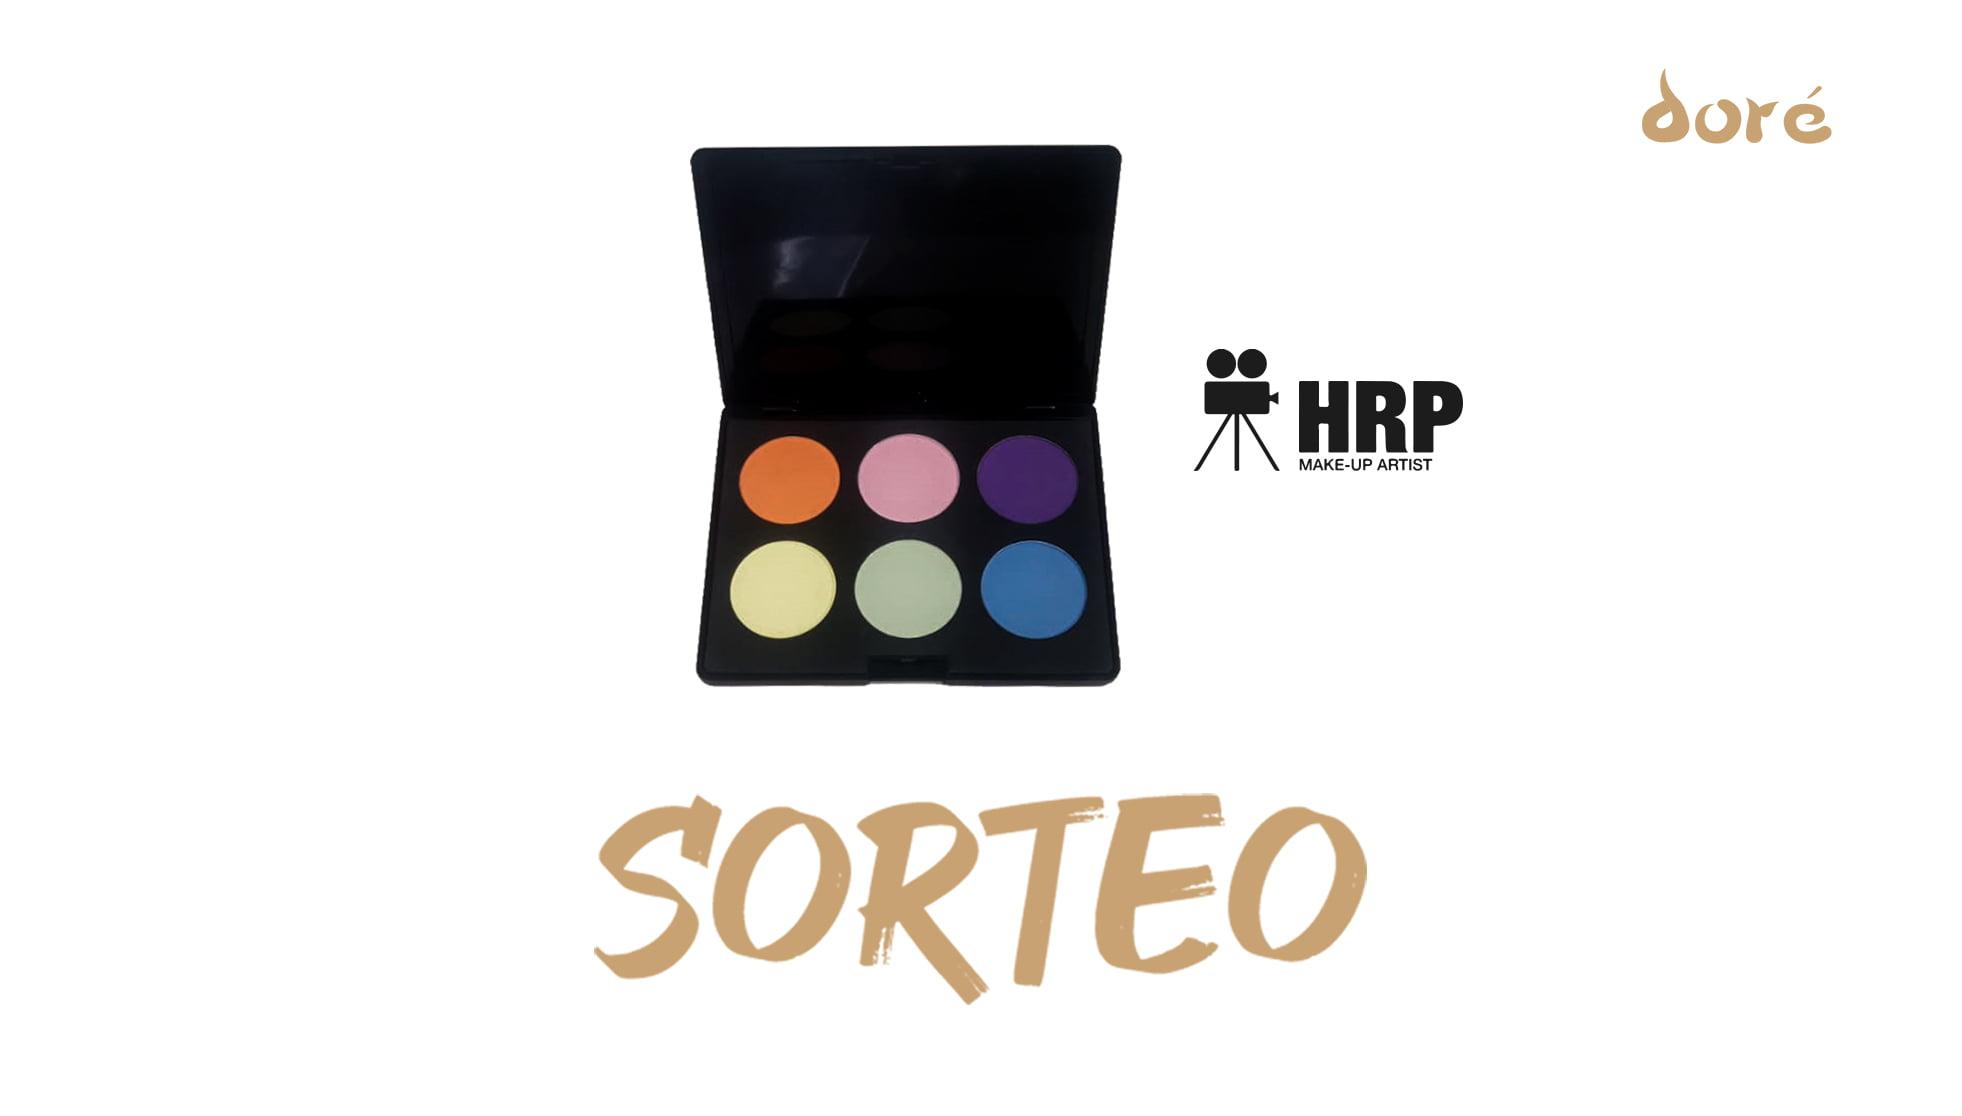 Sorteo Harpo Dore